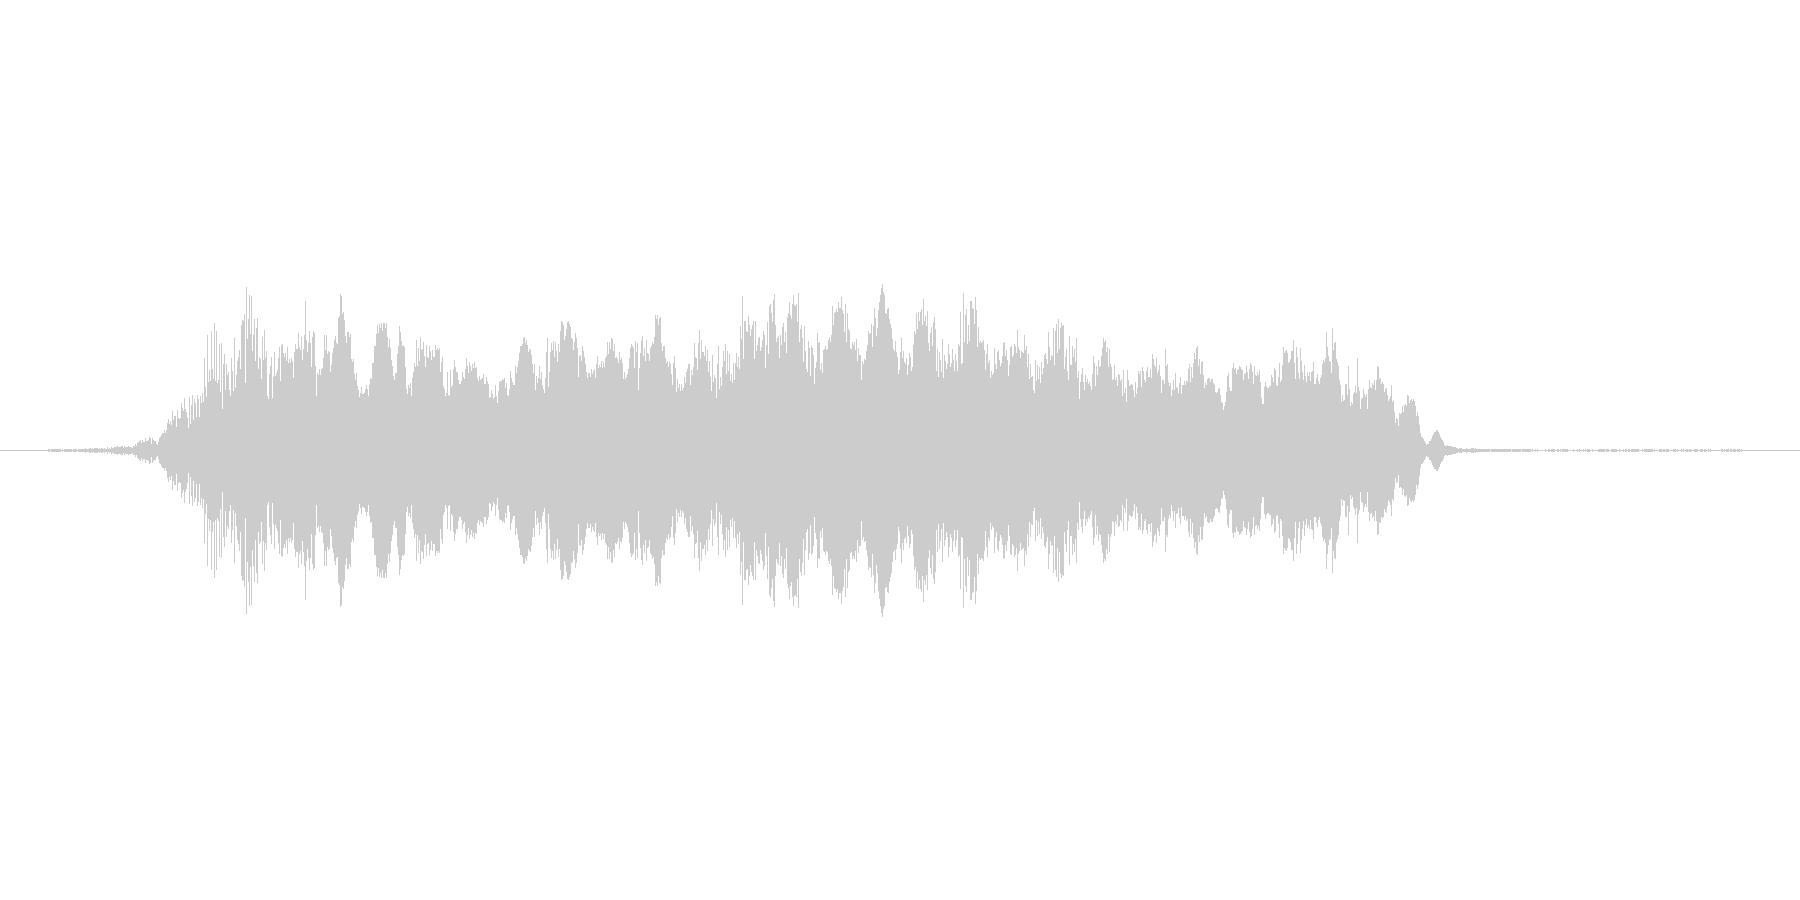 おばけの叫び声の未再生の波形